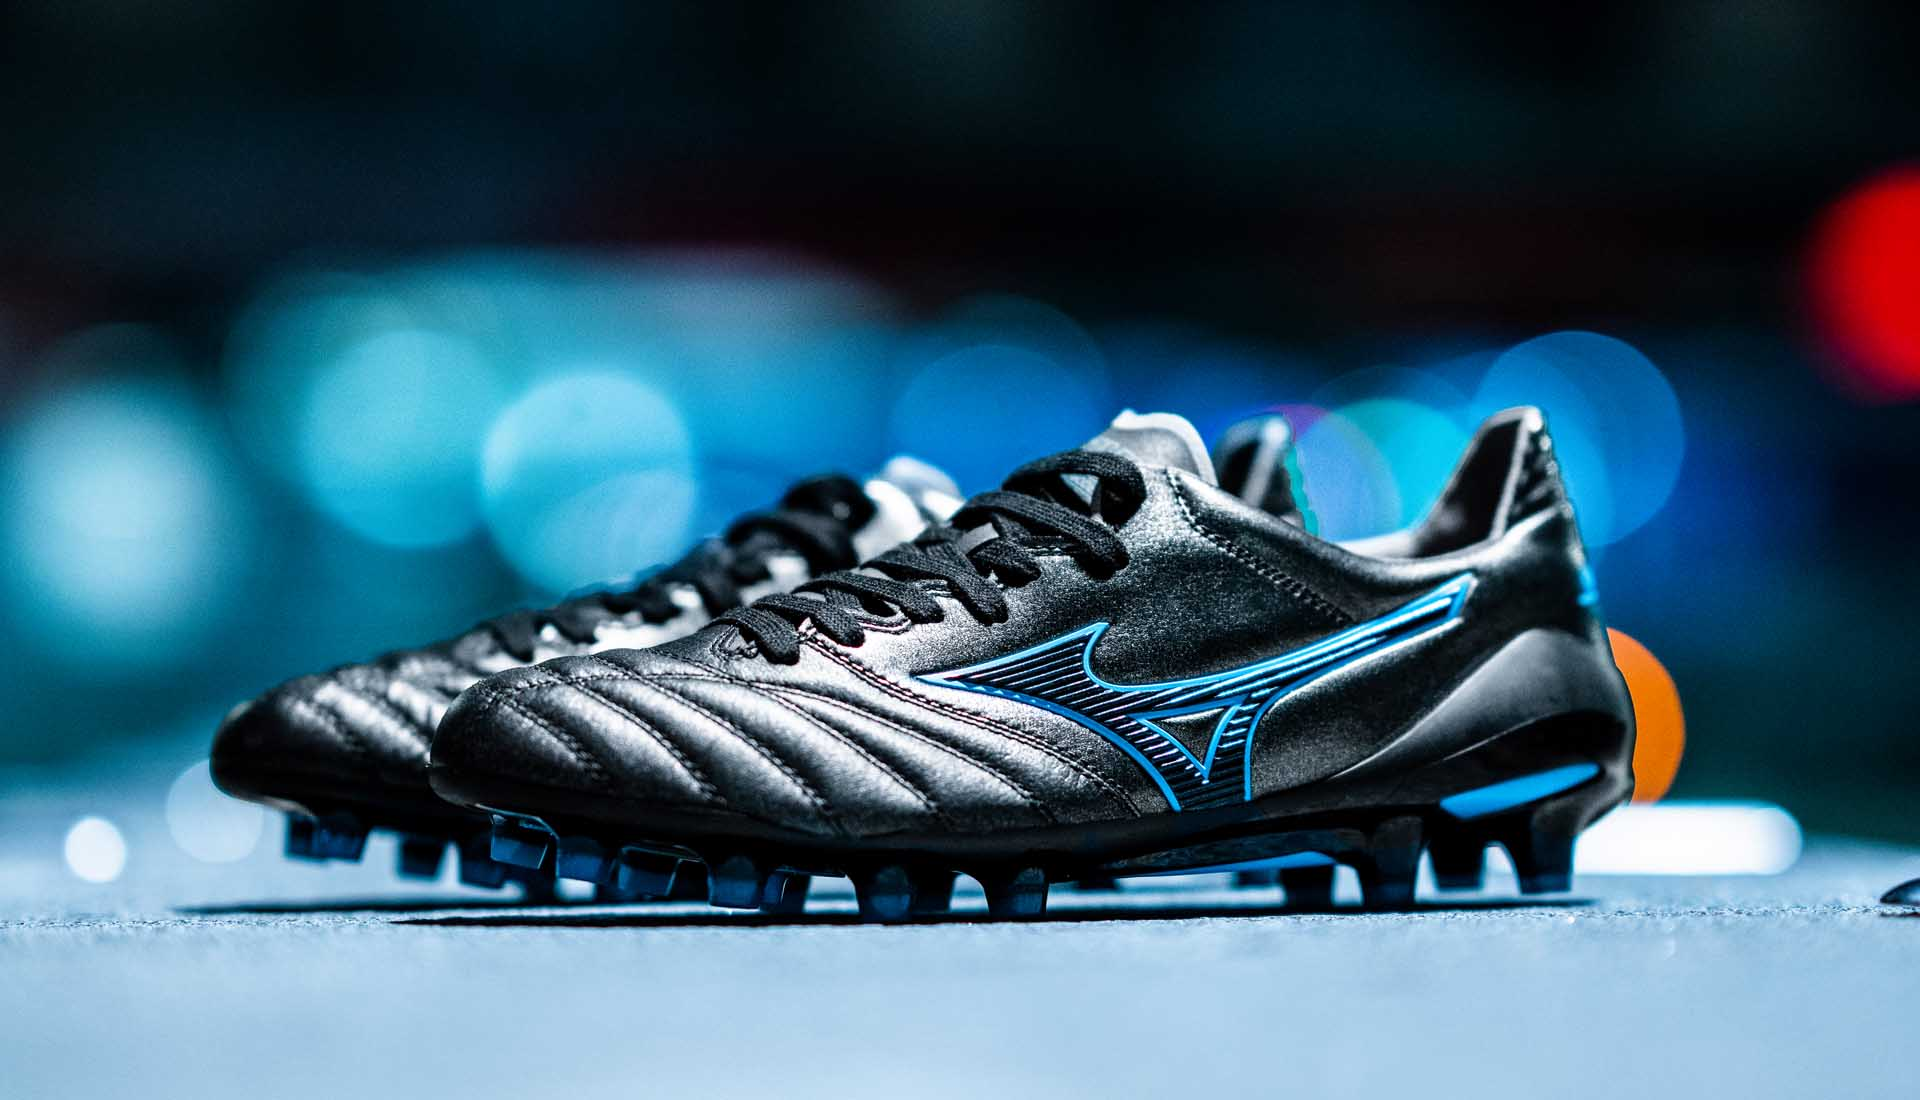 Giày đá banh chính hãng. Giày đá banh cho tiền vệ. Giày đá banh Mizuno